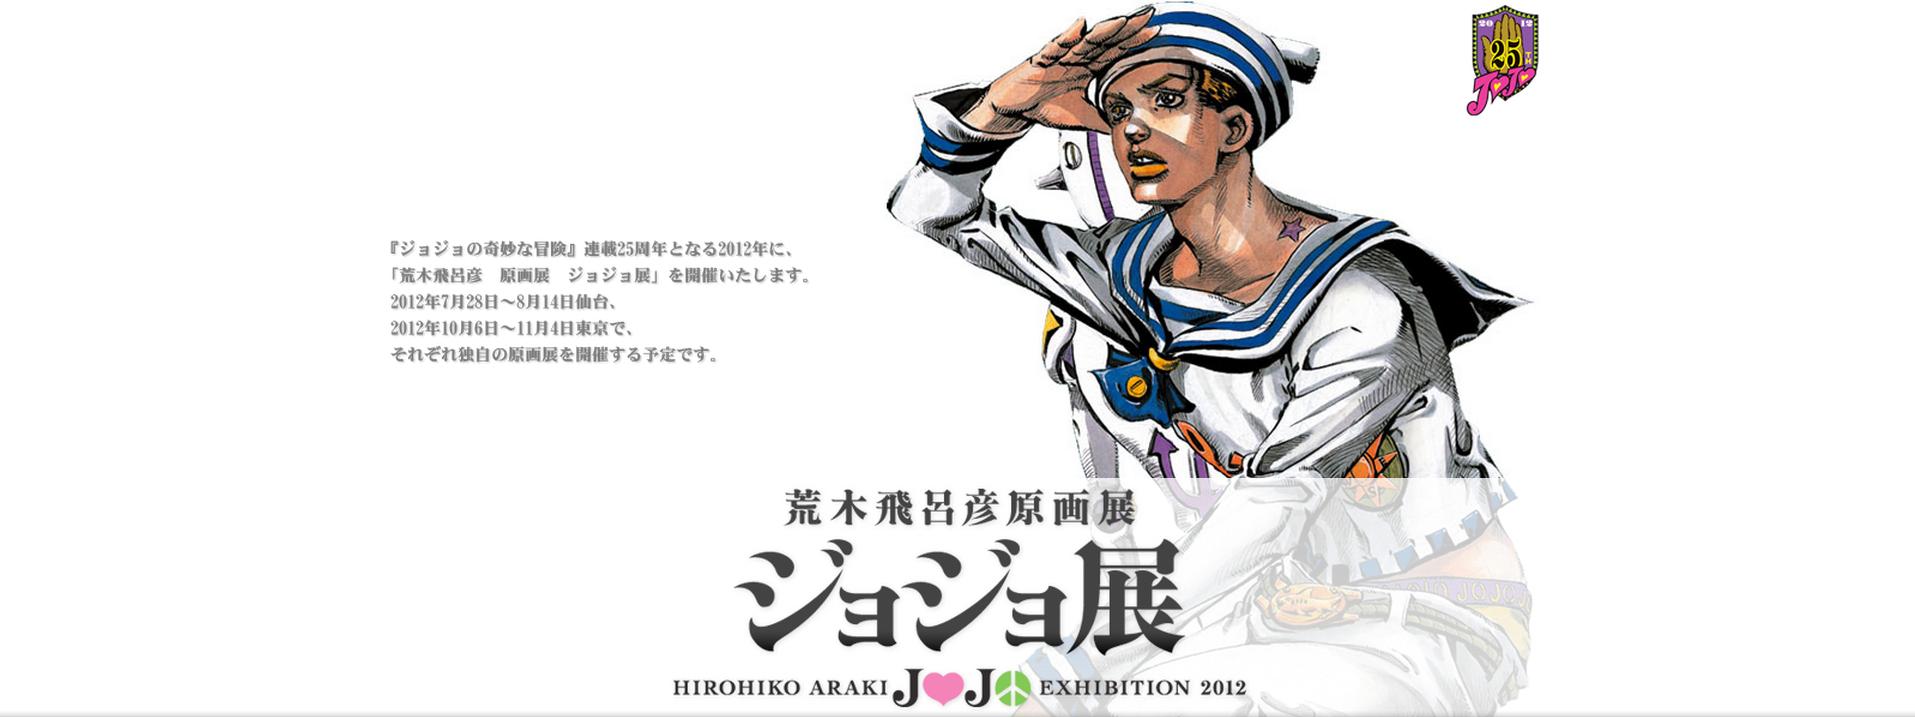 josuke jojolion jojo exhibition 2012 jojo pinterest